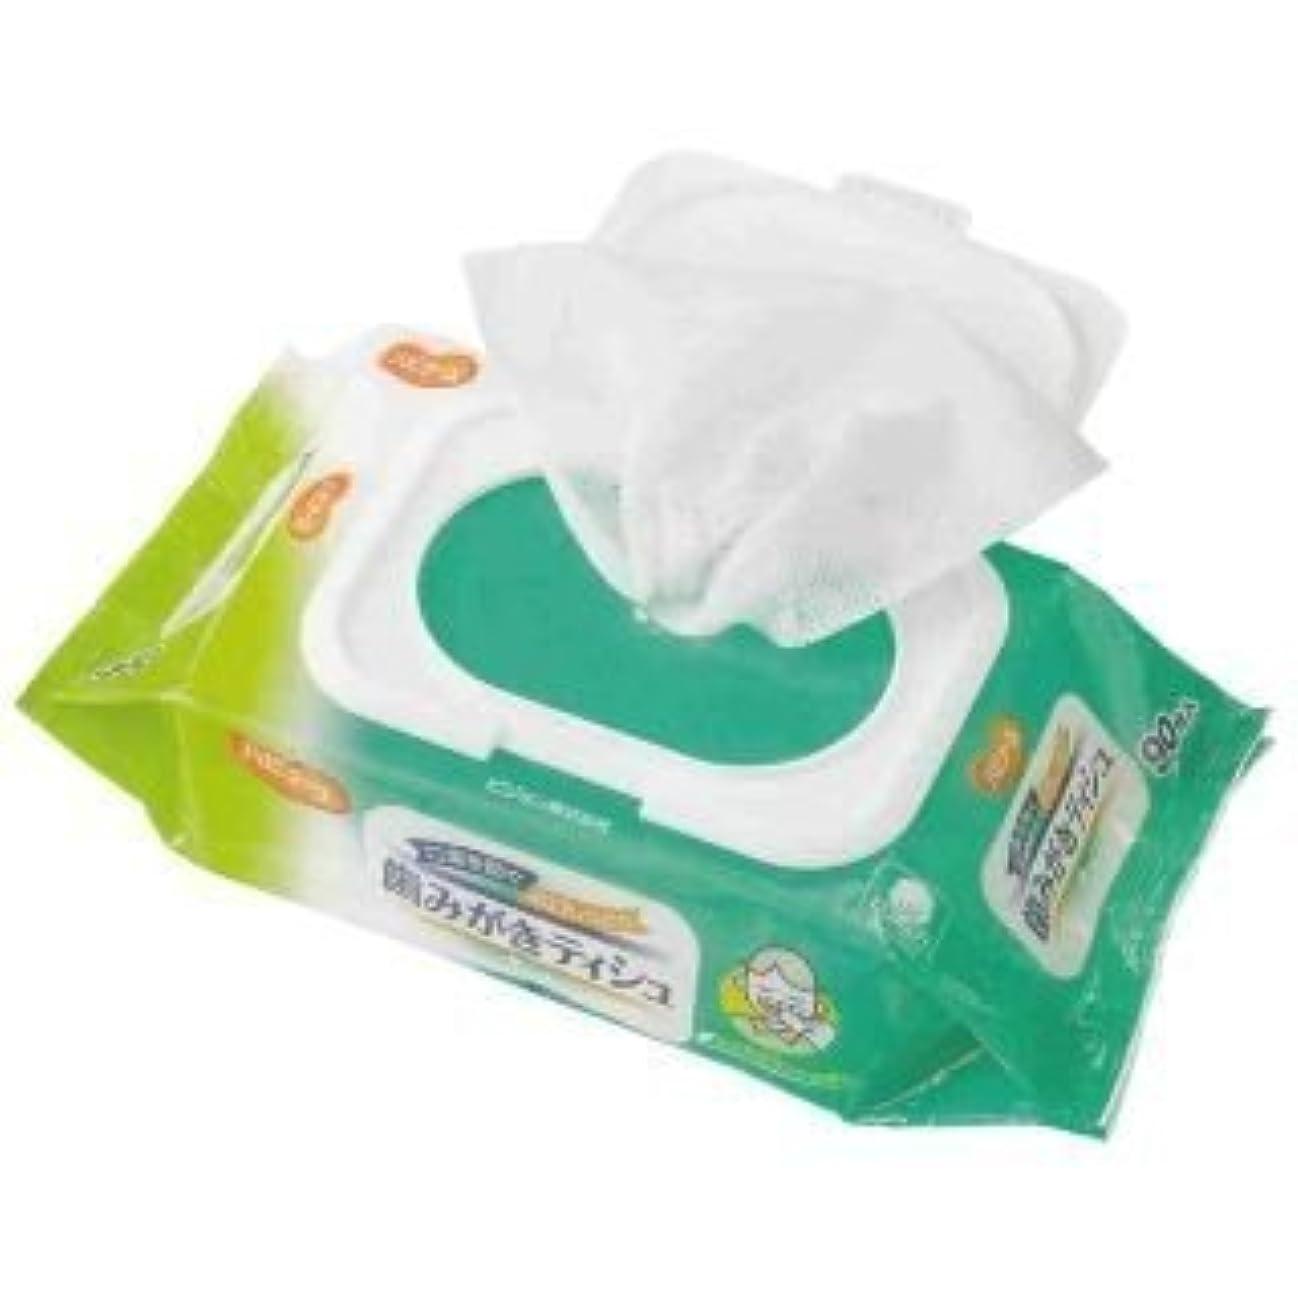 論理マイクロ提供する口臭を防ぐ&お口しっとり!ふきとりやすいコットンメッシュシート!お口が乾燥して、お口の臭いが気になるときに!歯みがきティシュ 90枚入【4個セット】